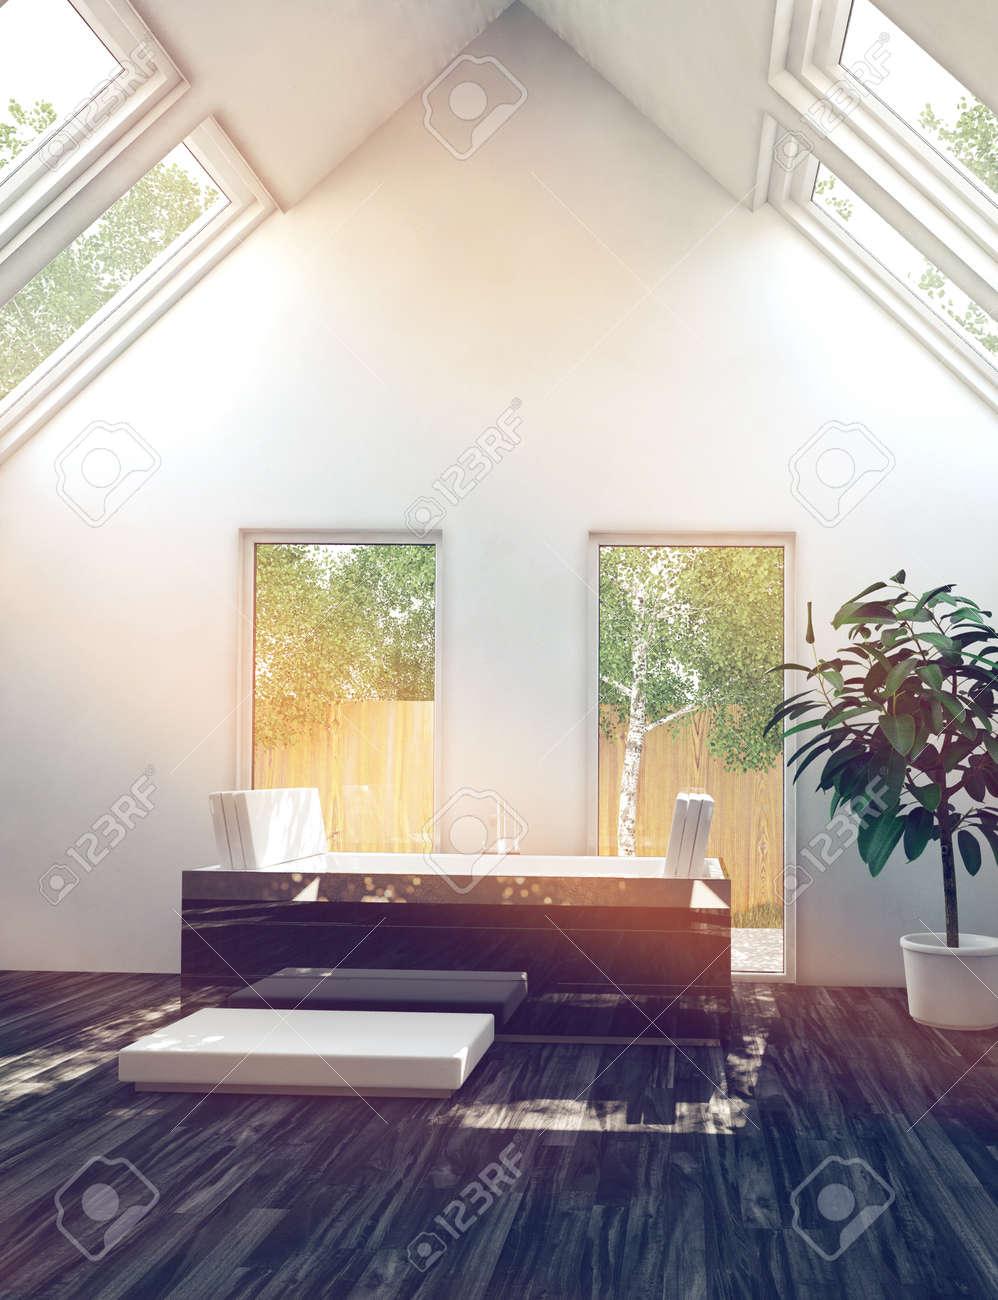 Schöne Schwarz Weiß Interior Design Badezimmer Oberfläche Standard Bild    31010367